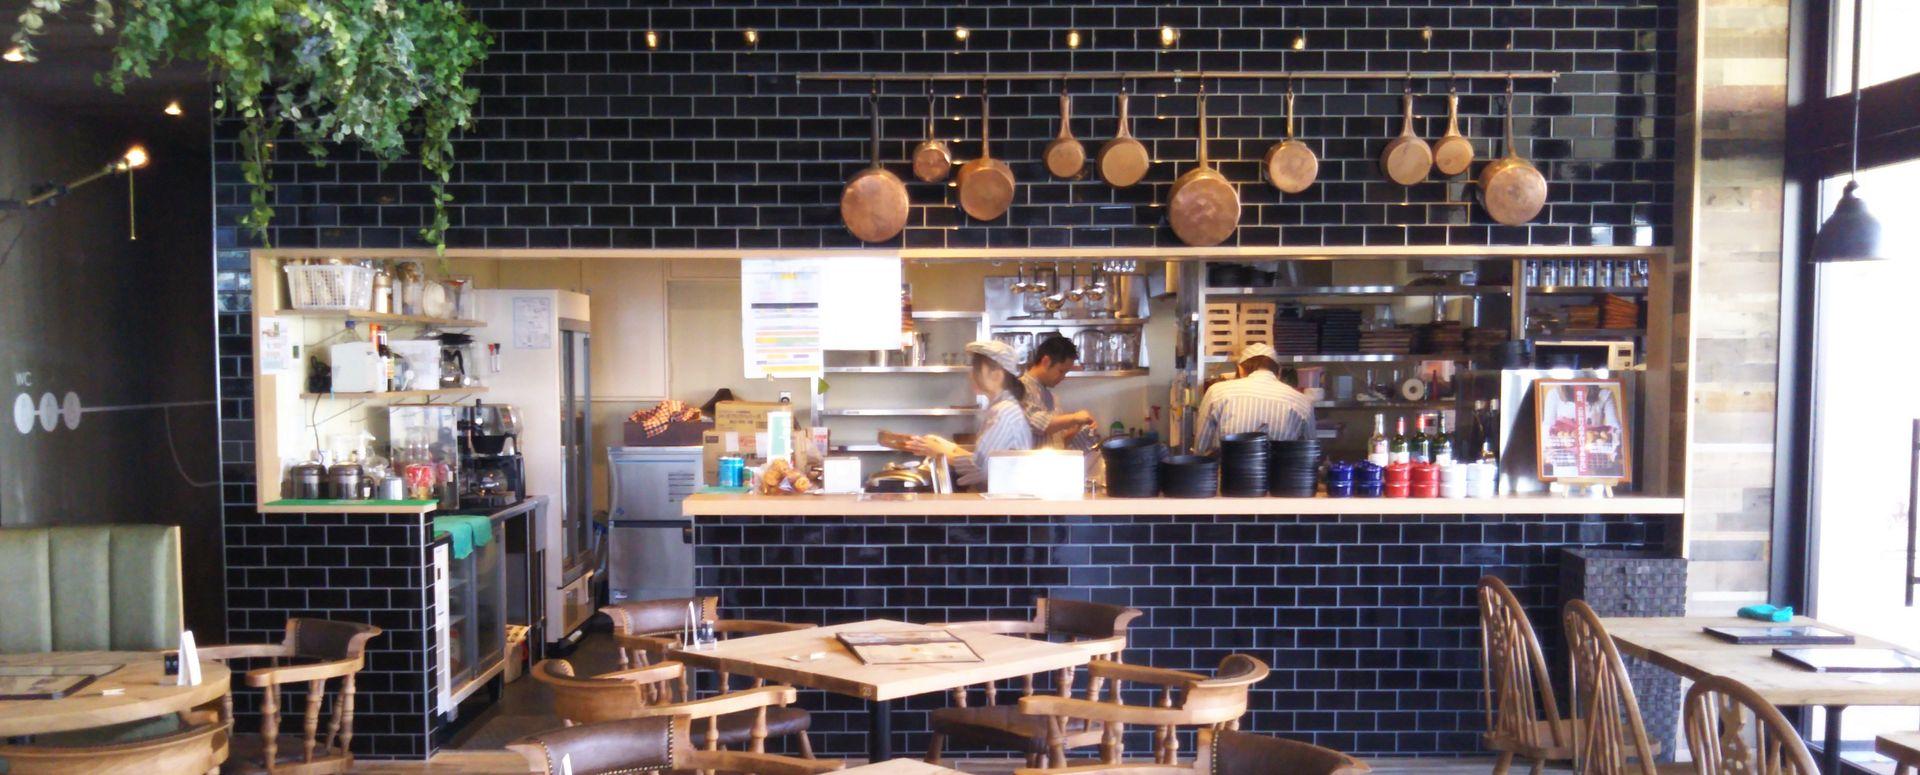 直営アンテナショップ、ギフトショップ・カフェ&レストランの複合ショップオープン!